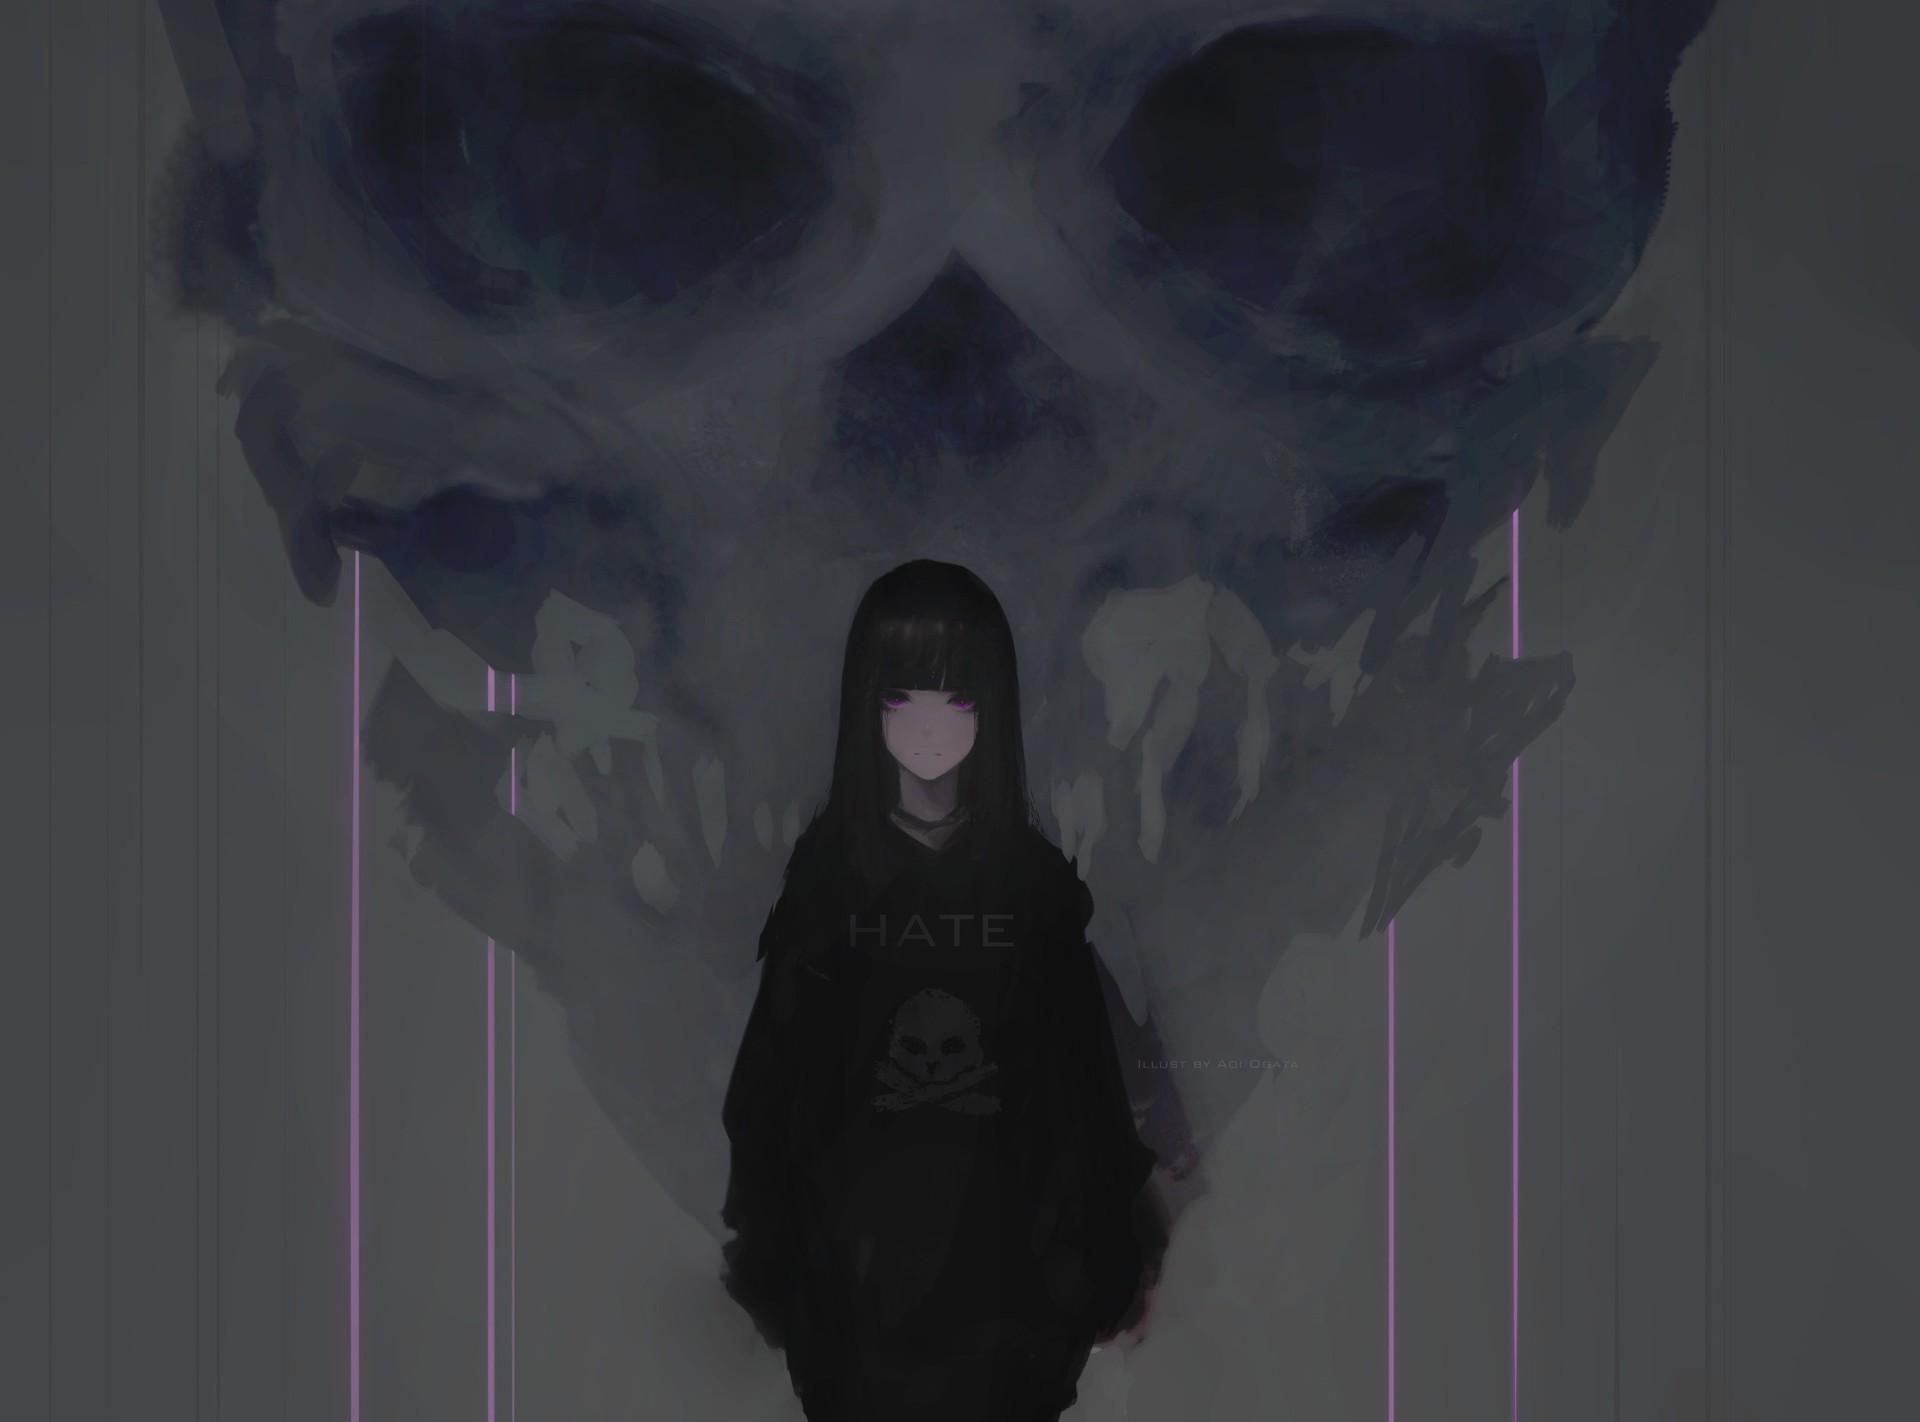 Aoi ogata hate skull22